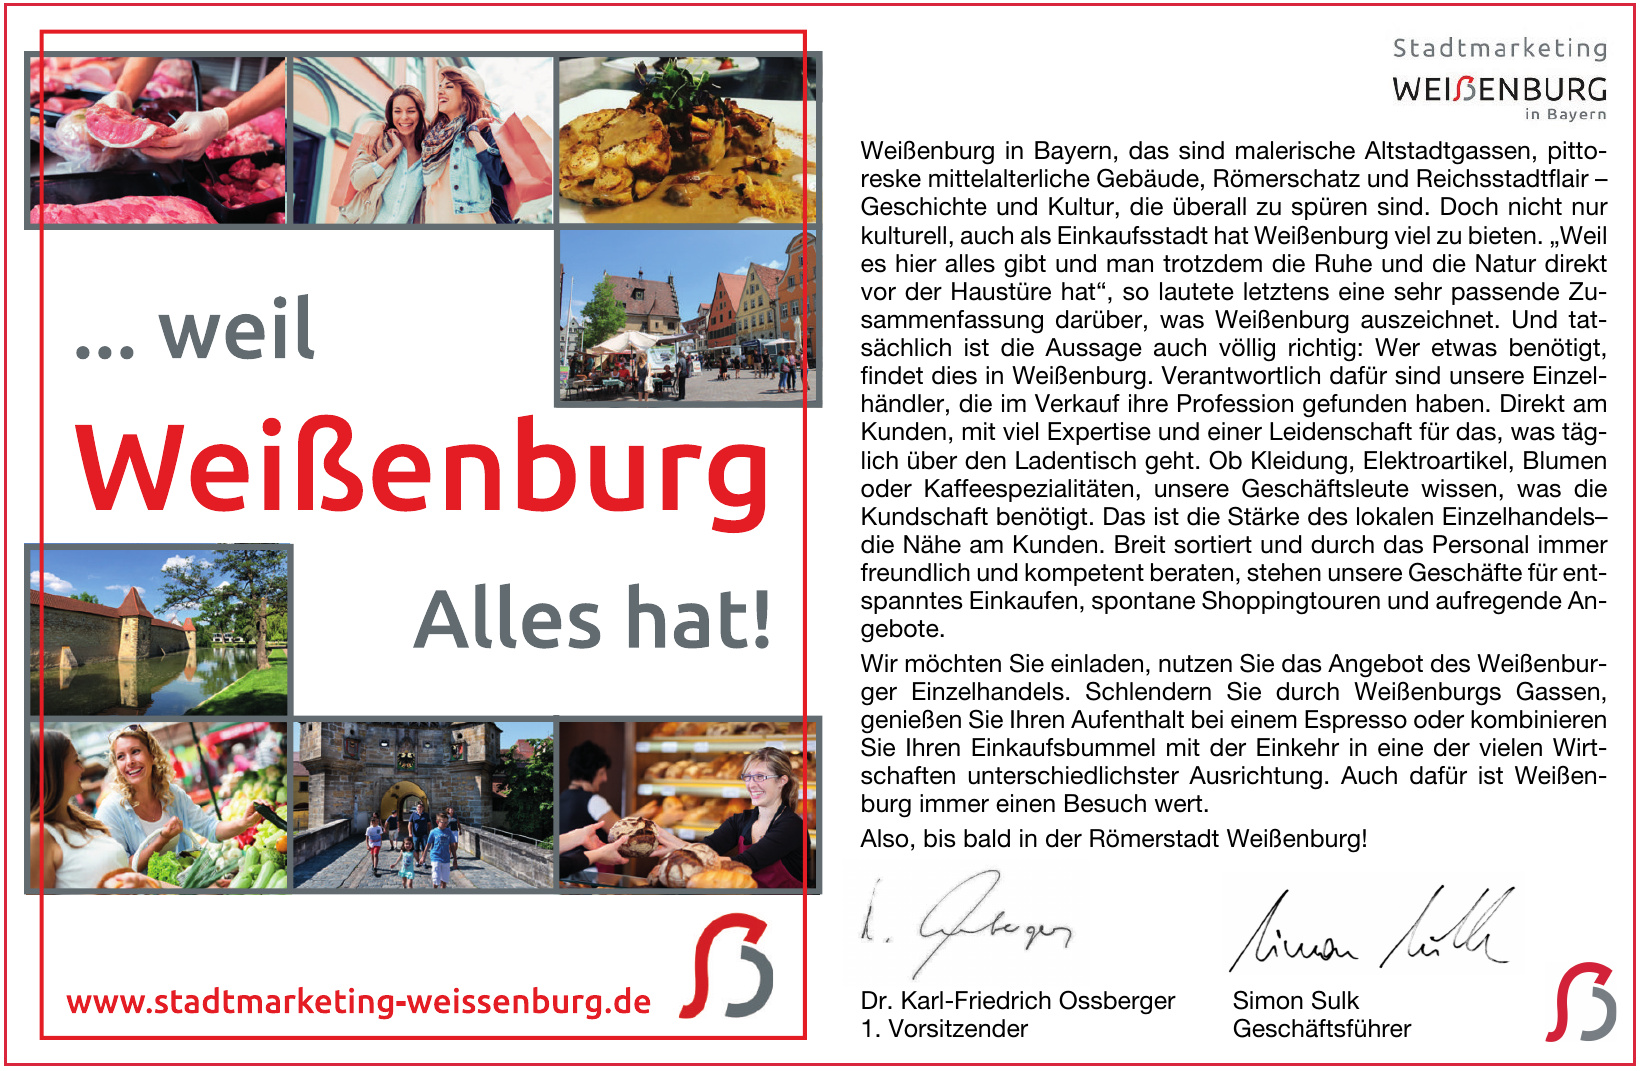 Stadtmarketing Weißenburg